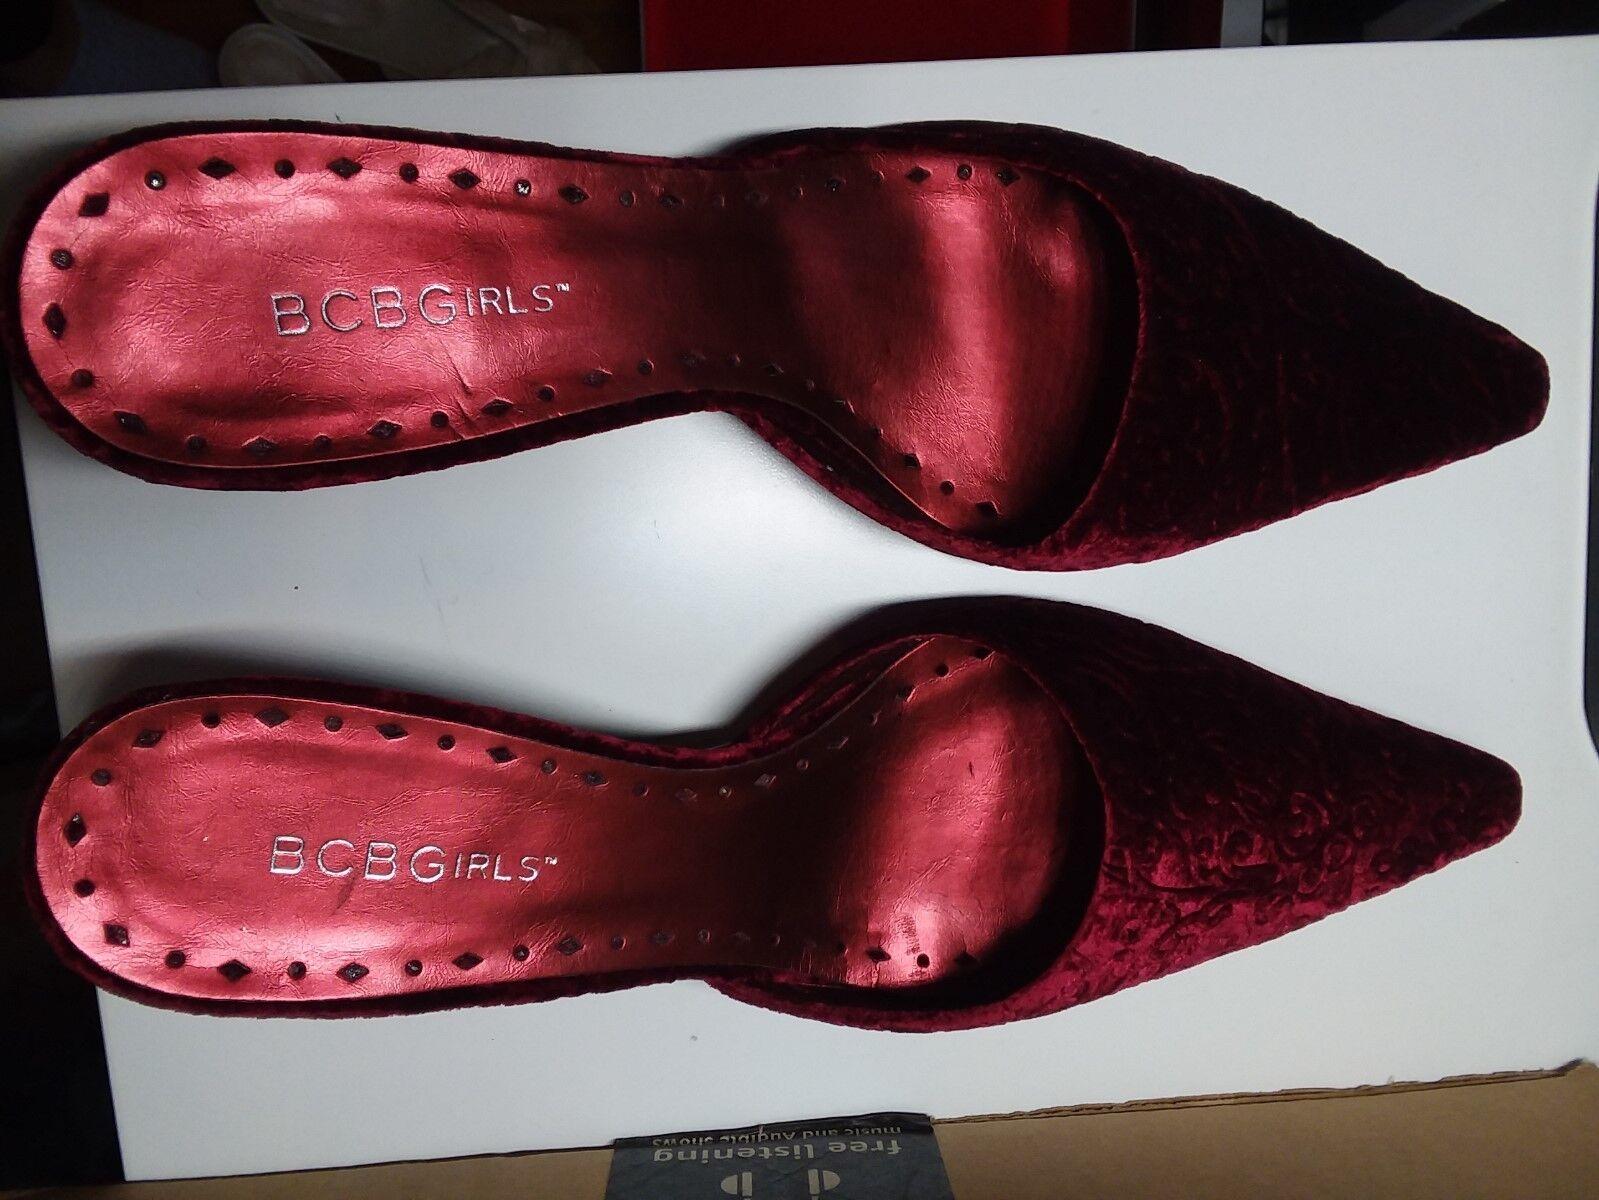 BCBGirls, (mules),brand Bordeaux, Damens, velvet schuhe (mules),brand BCBGirls, new in box, 9.5M 5ba4fe